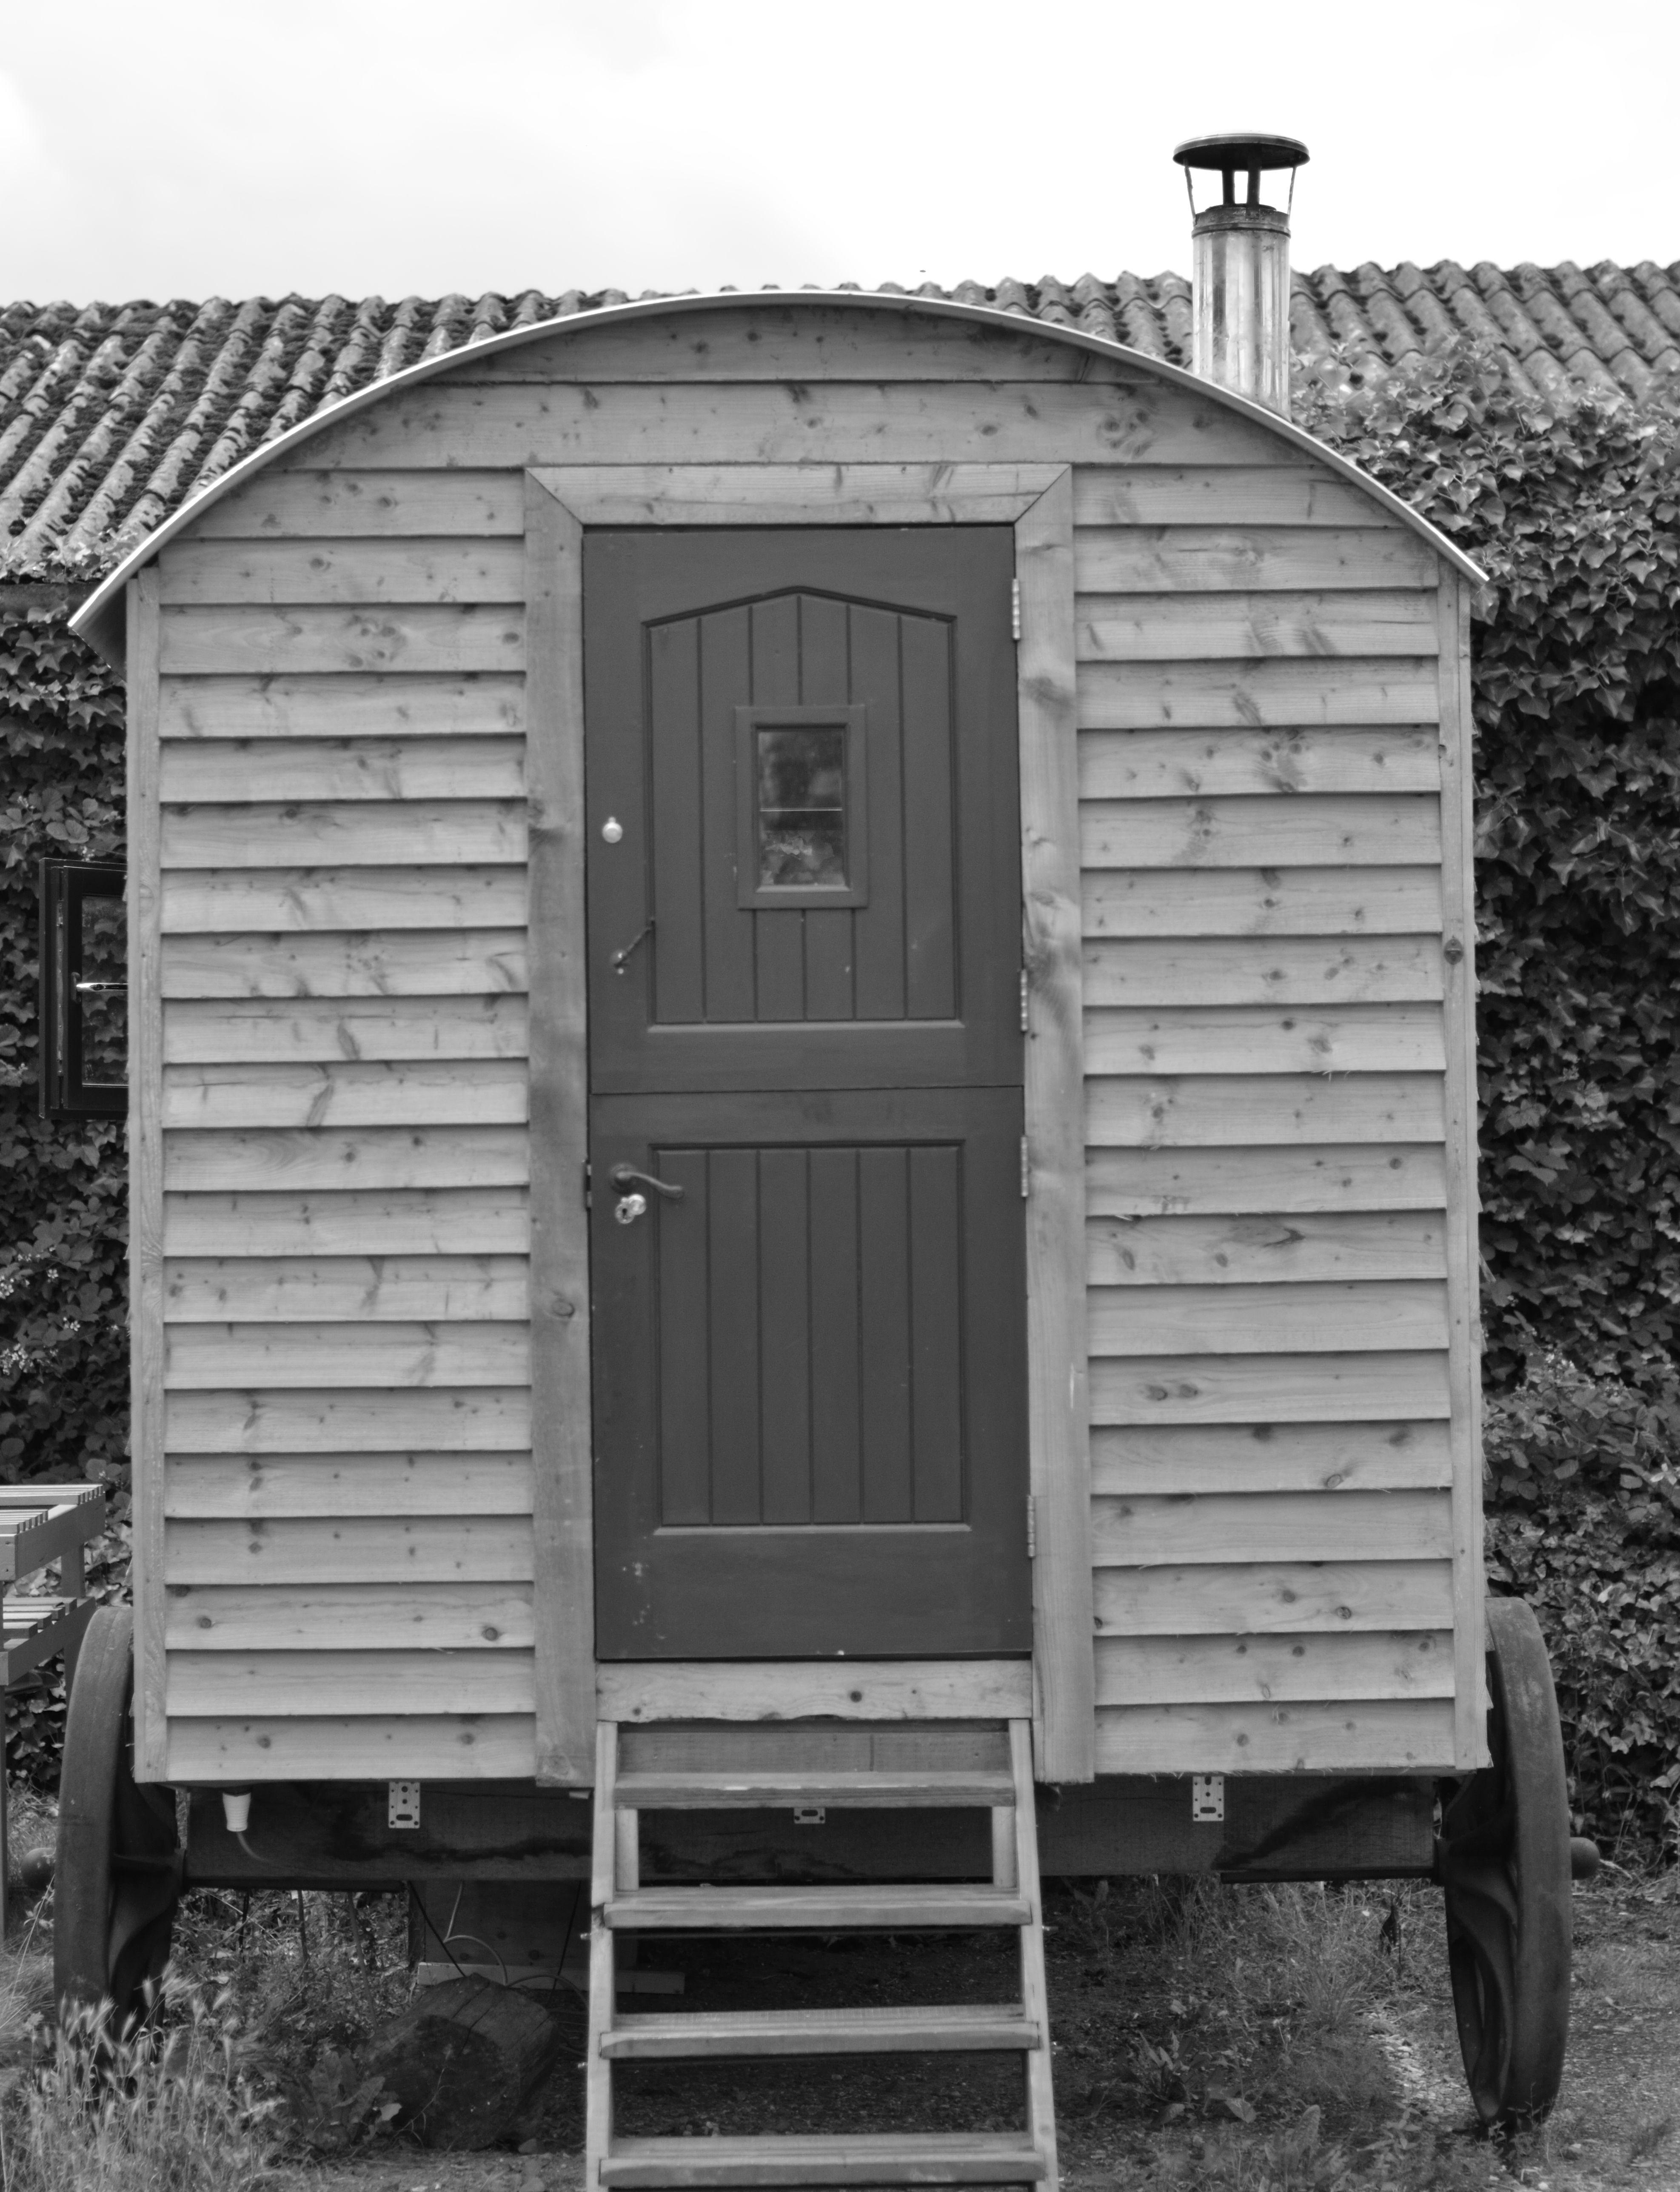 #Badger workshop HQ #Shepherds hut #Leather work #Artisan #Hand made & Badger workshop HQ #Shepherds hut #Leather work #Artisan #Hand made ...